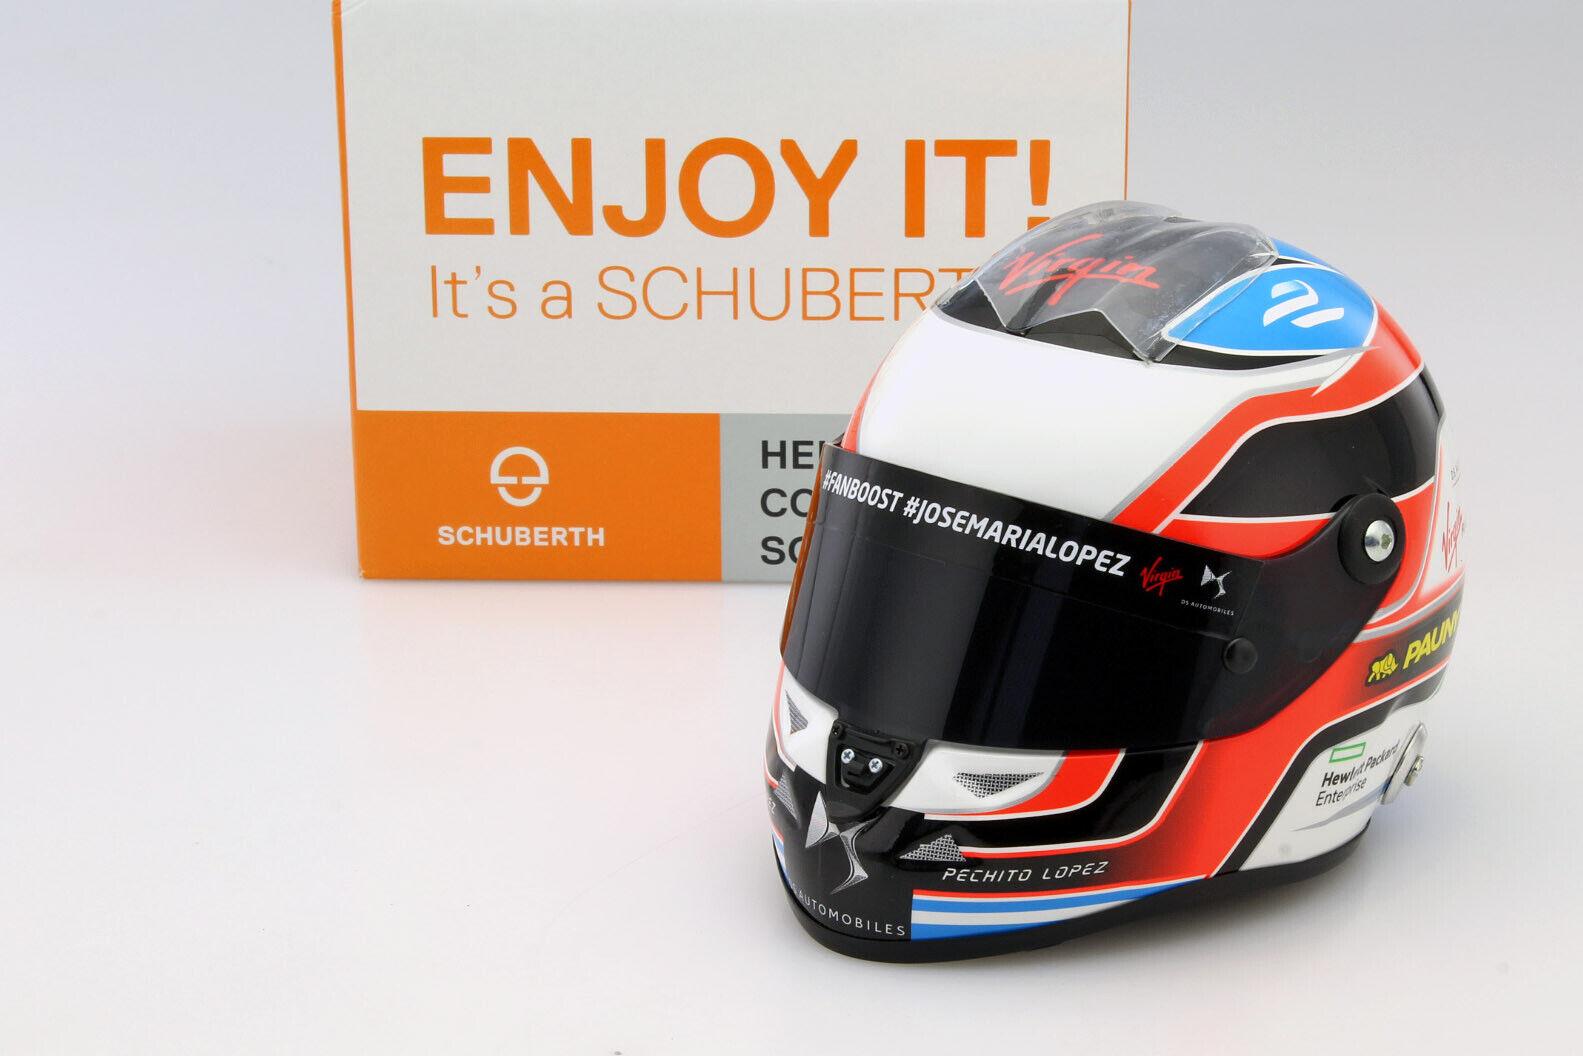 Jose María Lopez DS Virgin Racing de Fórmula E 2016 casco 1 2 Schuberth